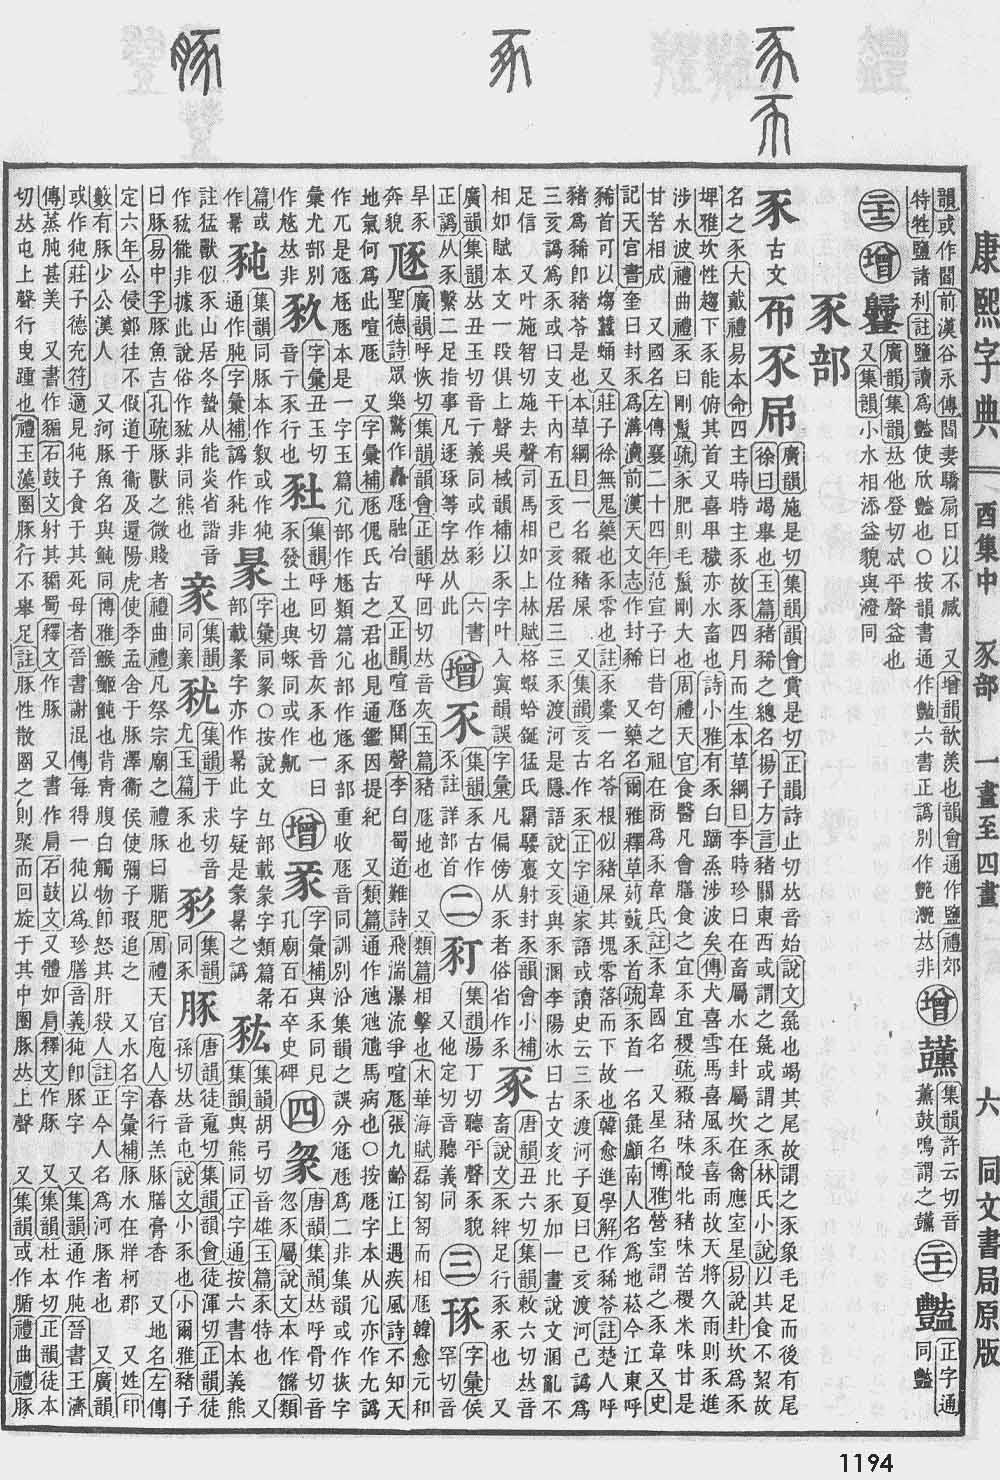 《康熙字典》第1194页